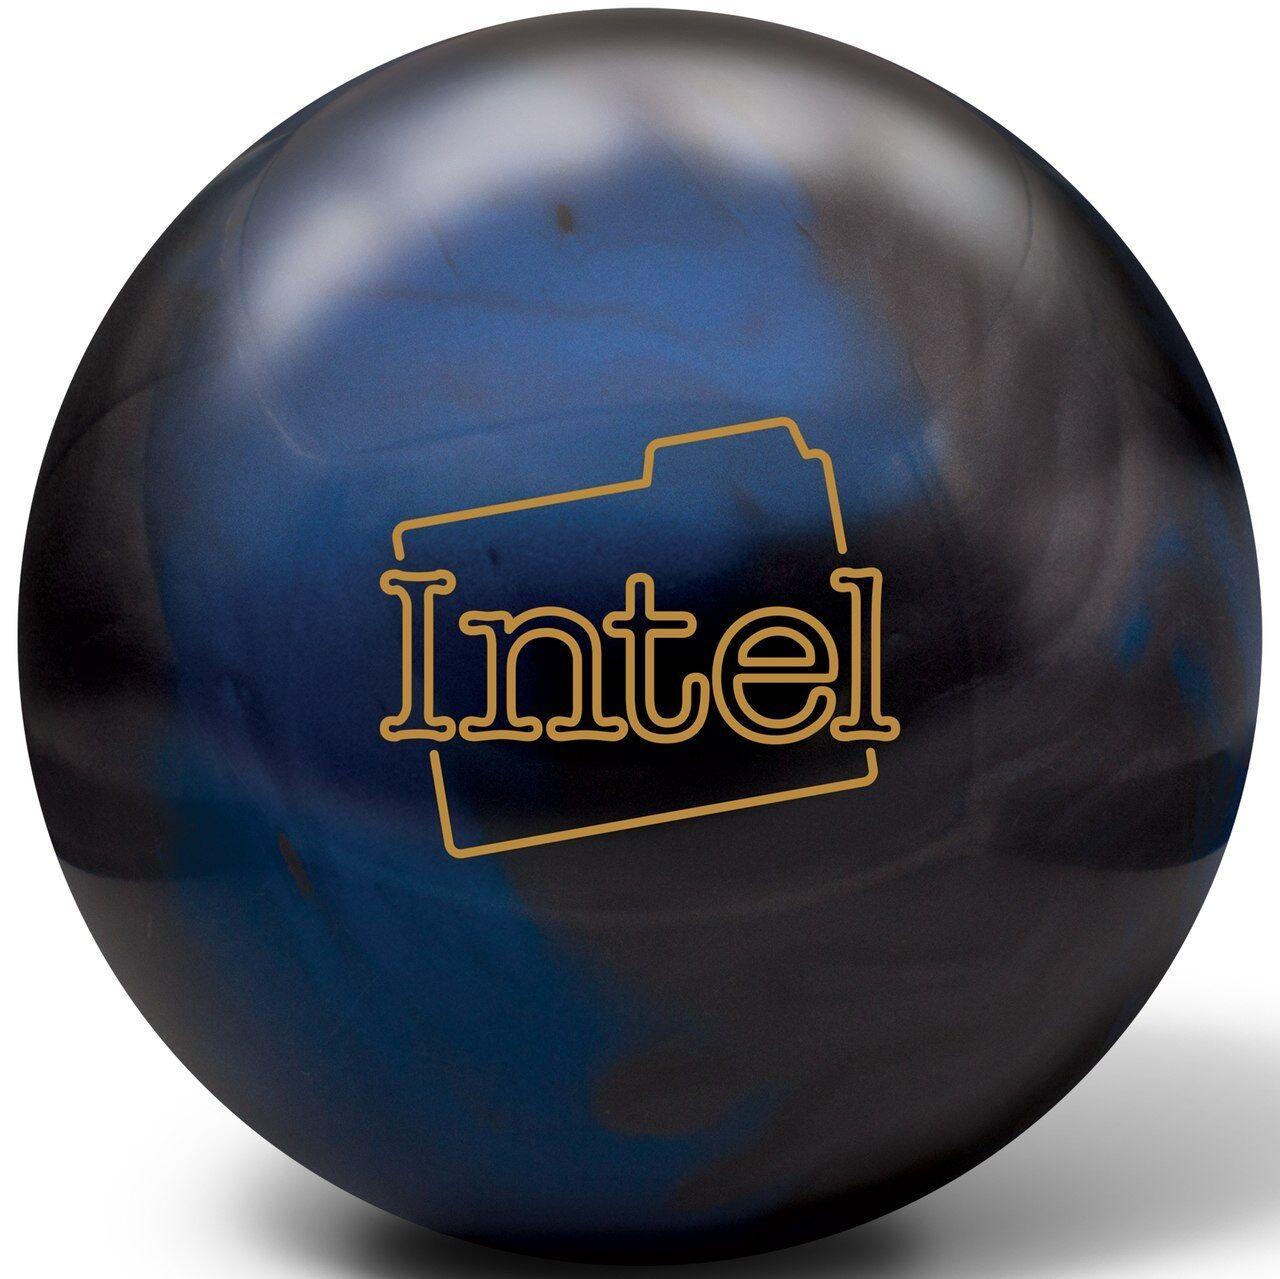 Radical Intel Pearl Bowling Ball NIB 1st Quality